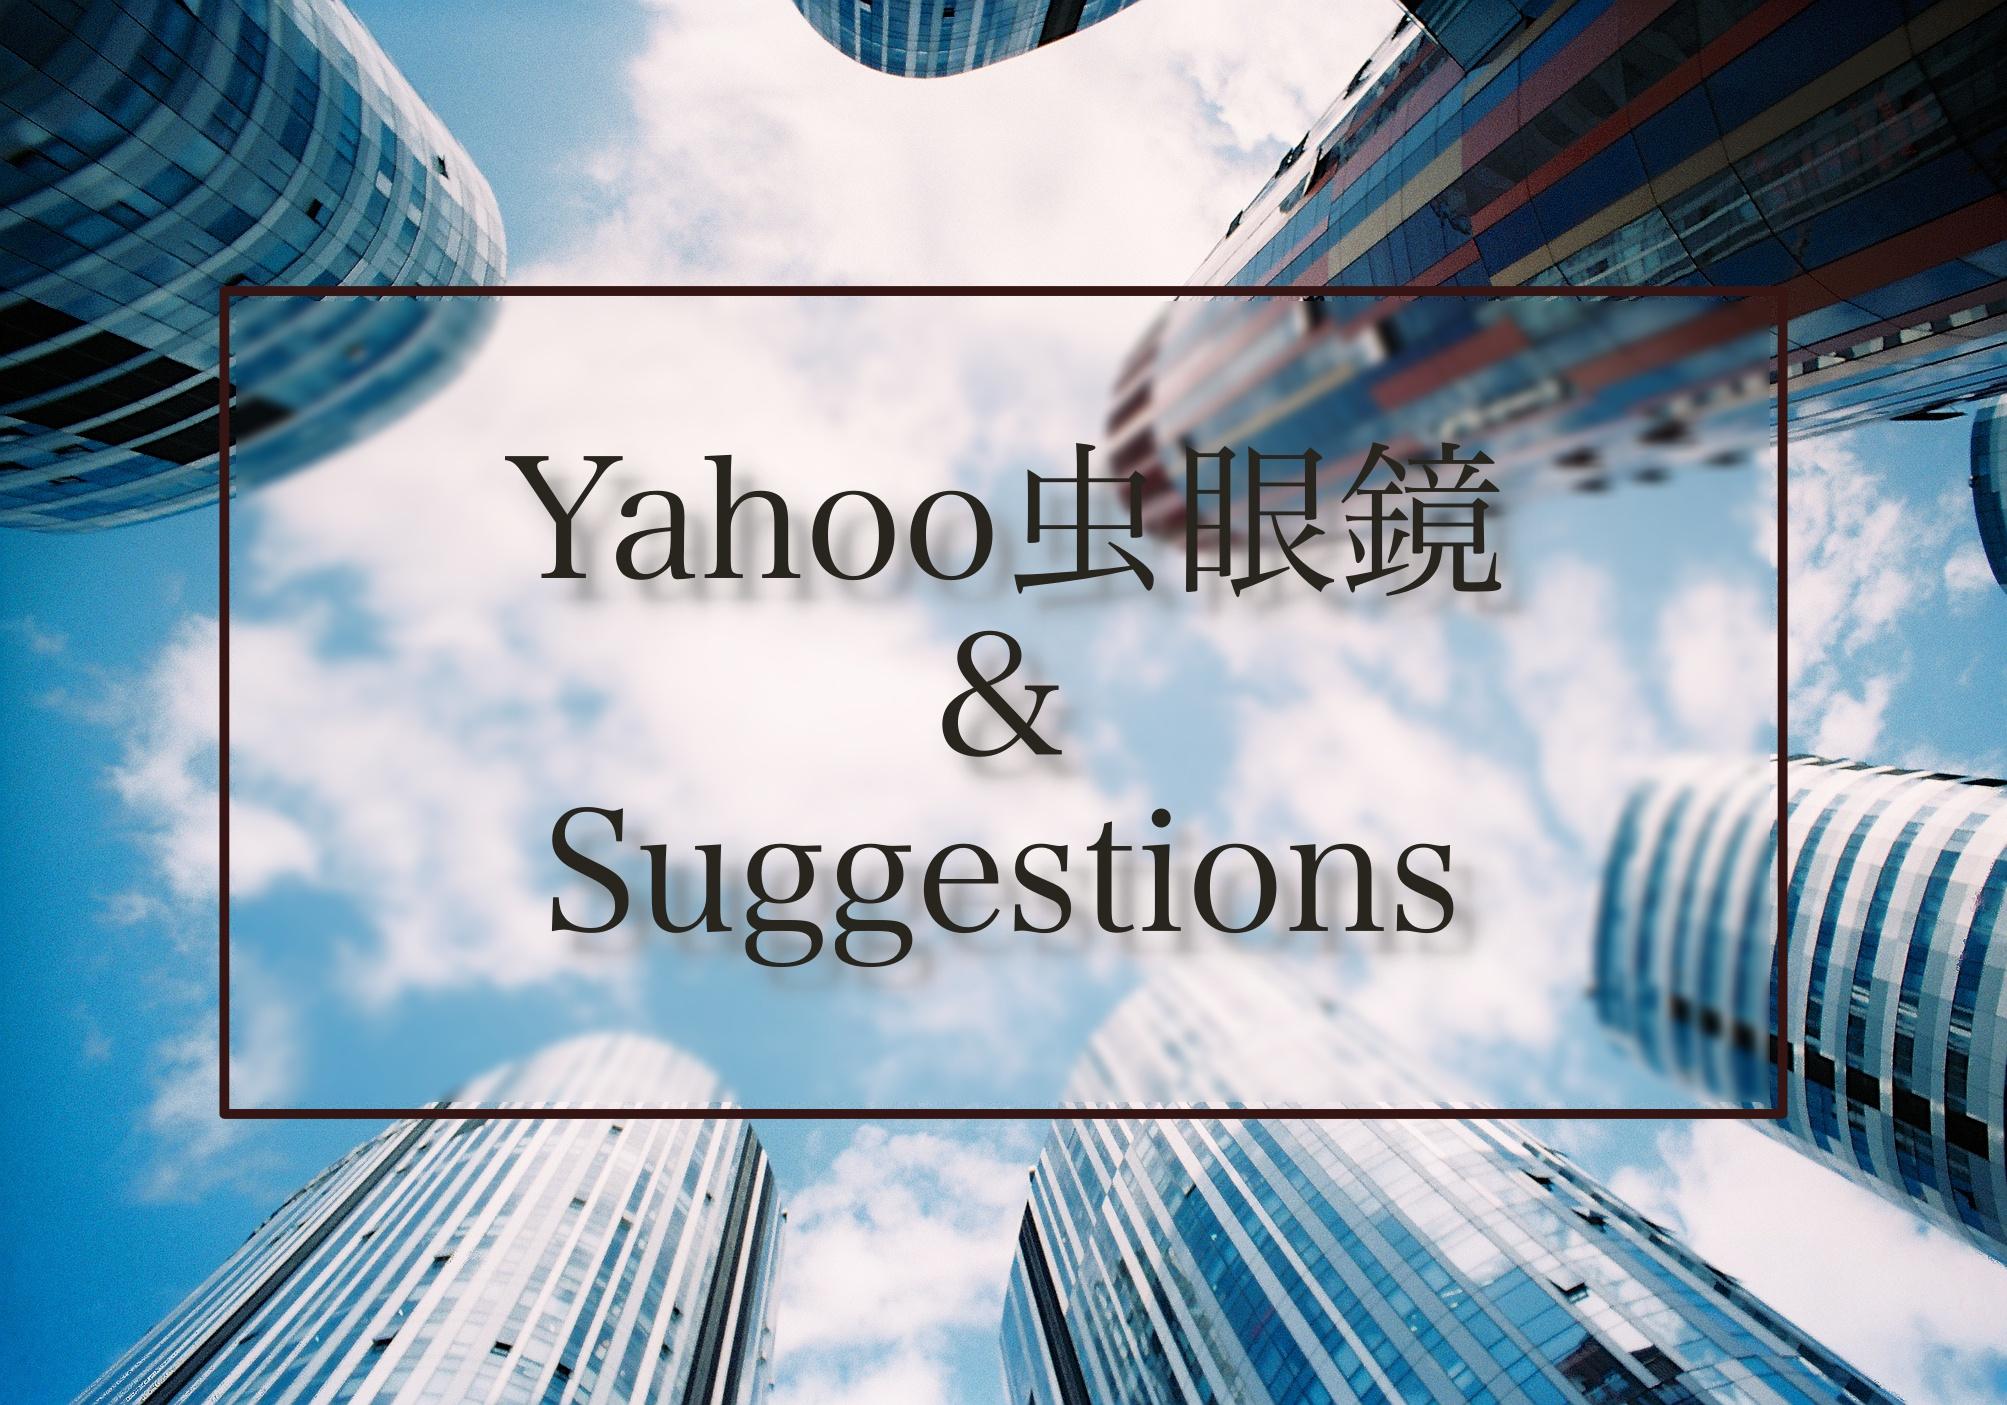 【トレンドアフィリエイト】Yahoo!虫眼鏡とサジェストを使ったキーワード選定方法とコツ!